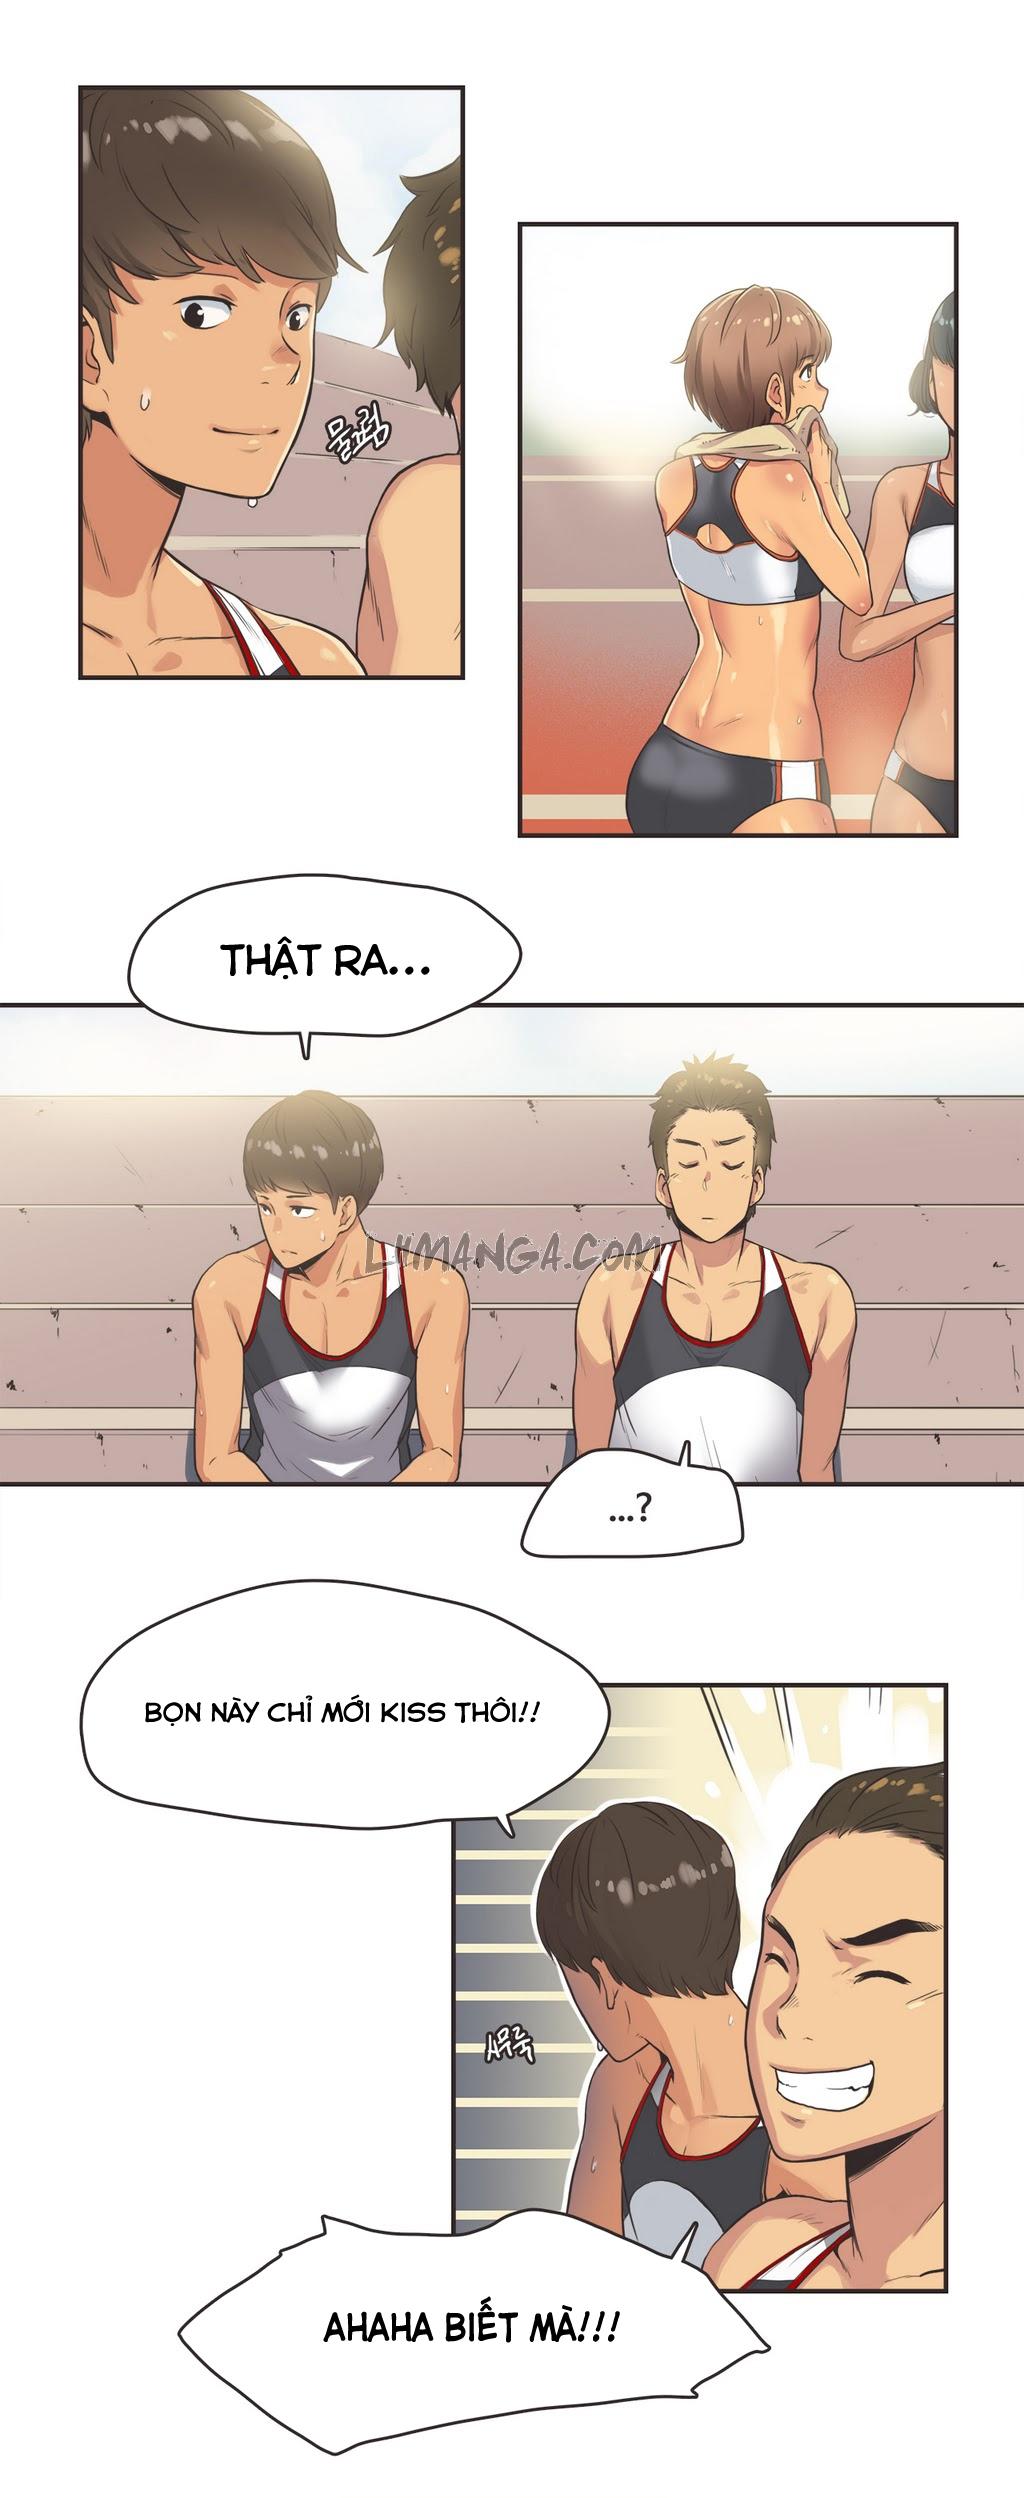 Hình ảnh HINH_00006 in Sports Girl - Gái Thể Thao